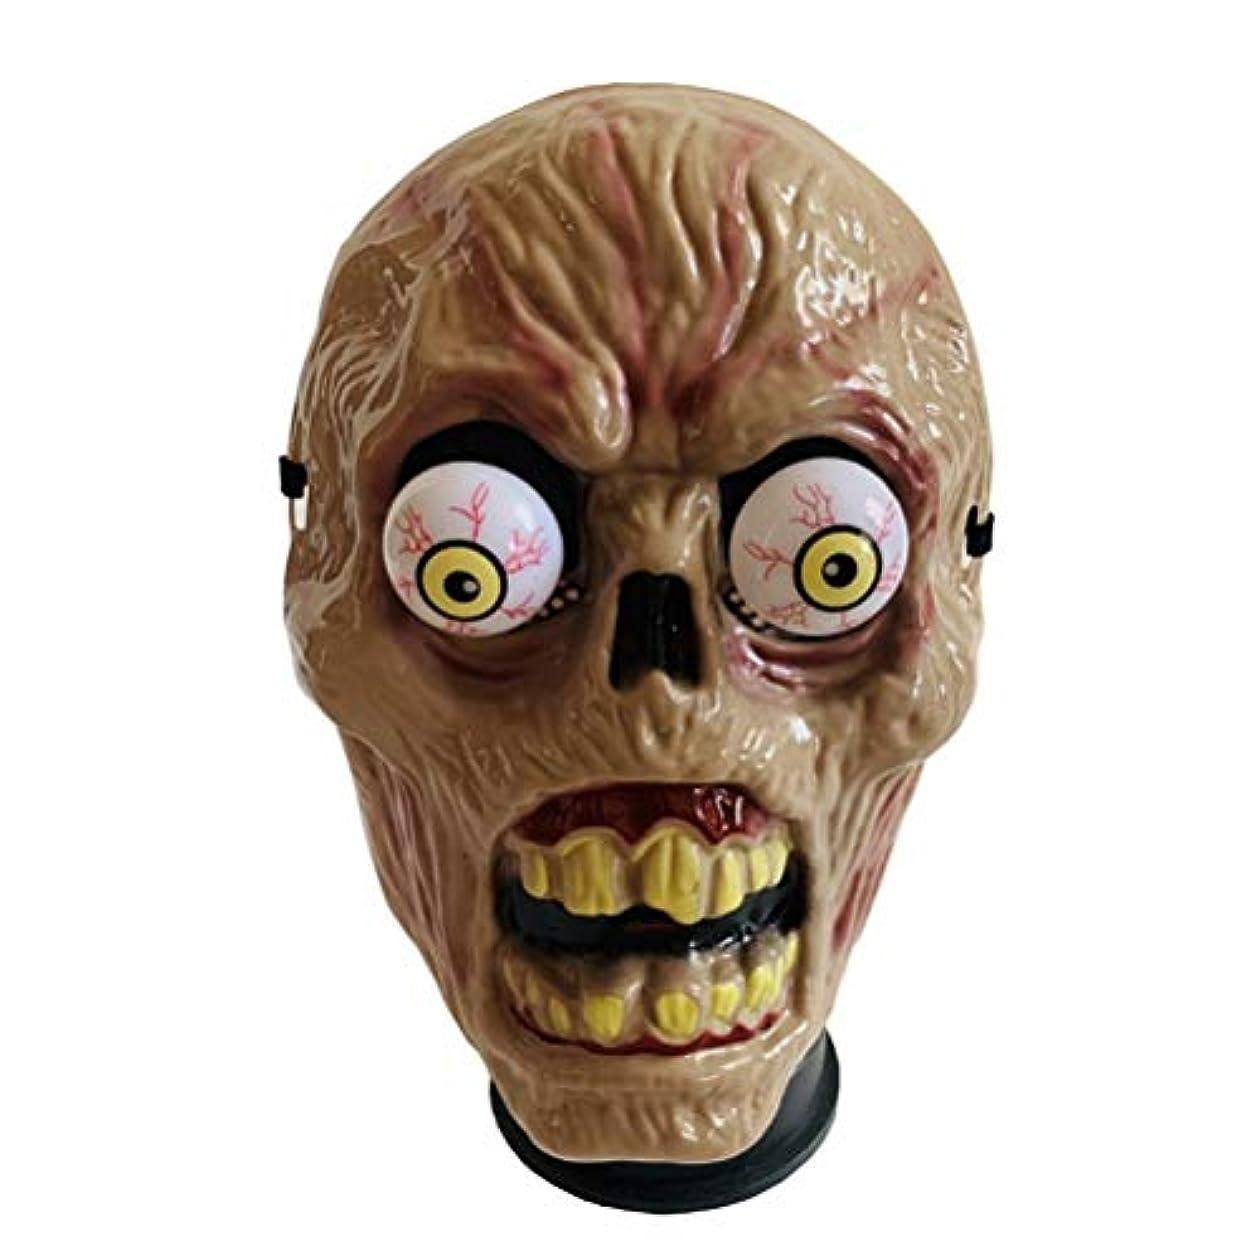 でも伴う地下室Amosfunハロウィンゾンビマスク春眼球コスプレマスク衣装プロップアクセサリー仮面舞踏会マスク用バーパーティー